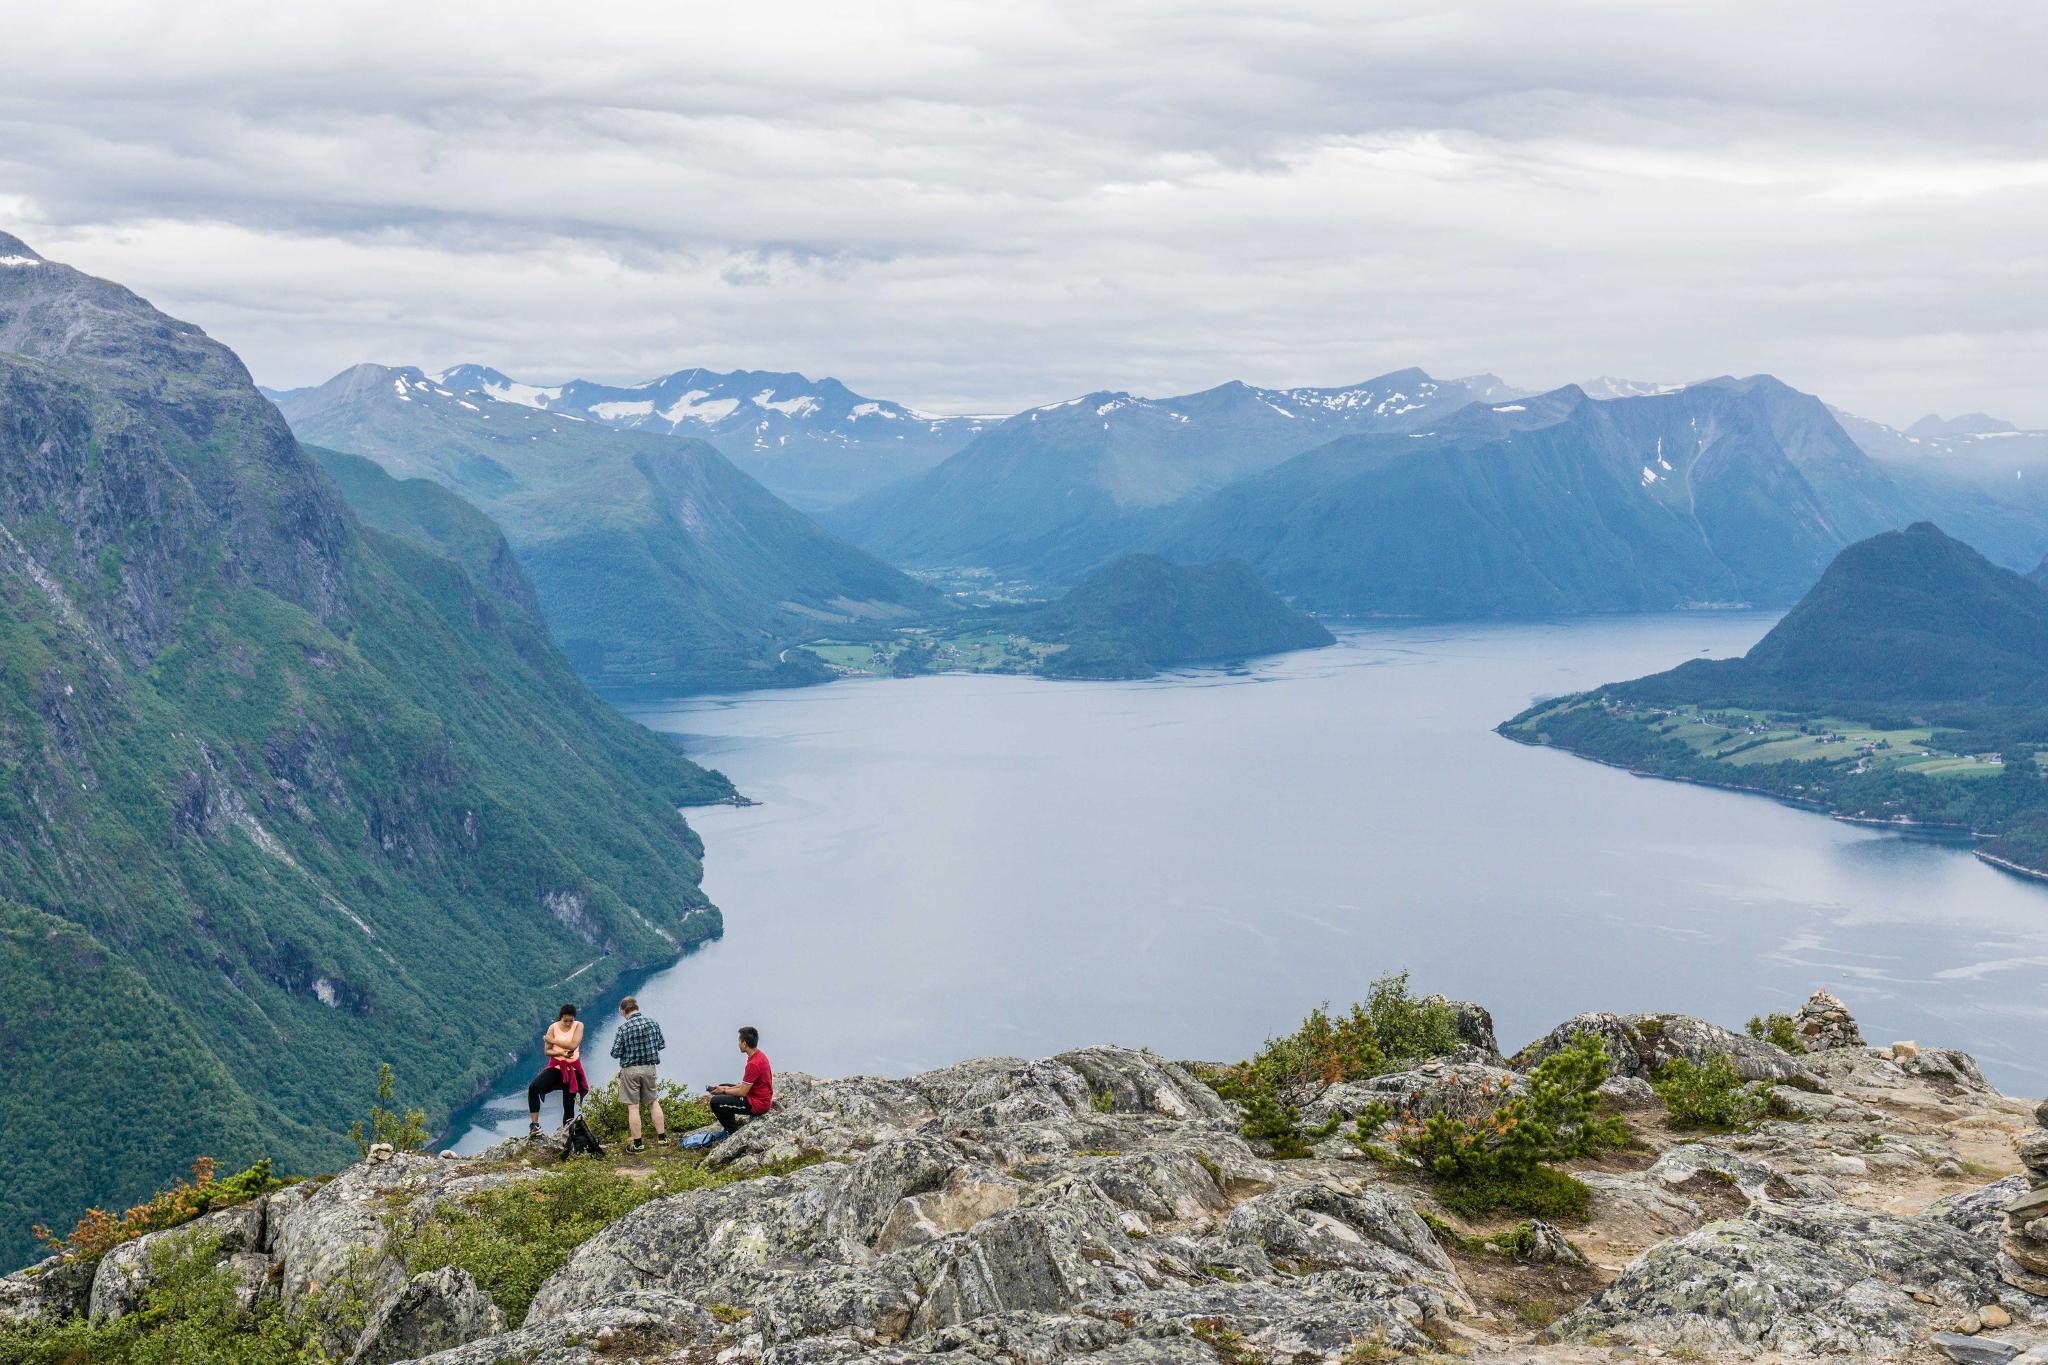 【北歐景點】峽灣區起點Åndalsnes健行 - 鳥瞰峽灣全景的Rampestreken觀景台 29